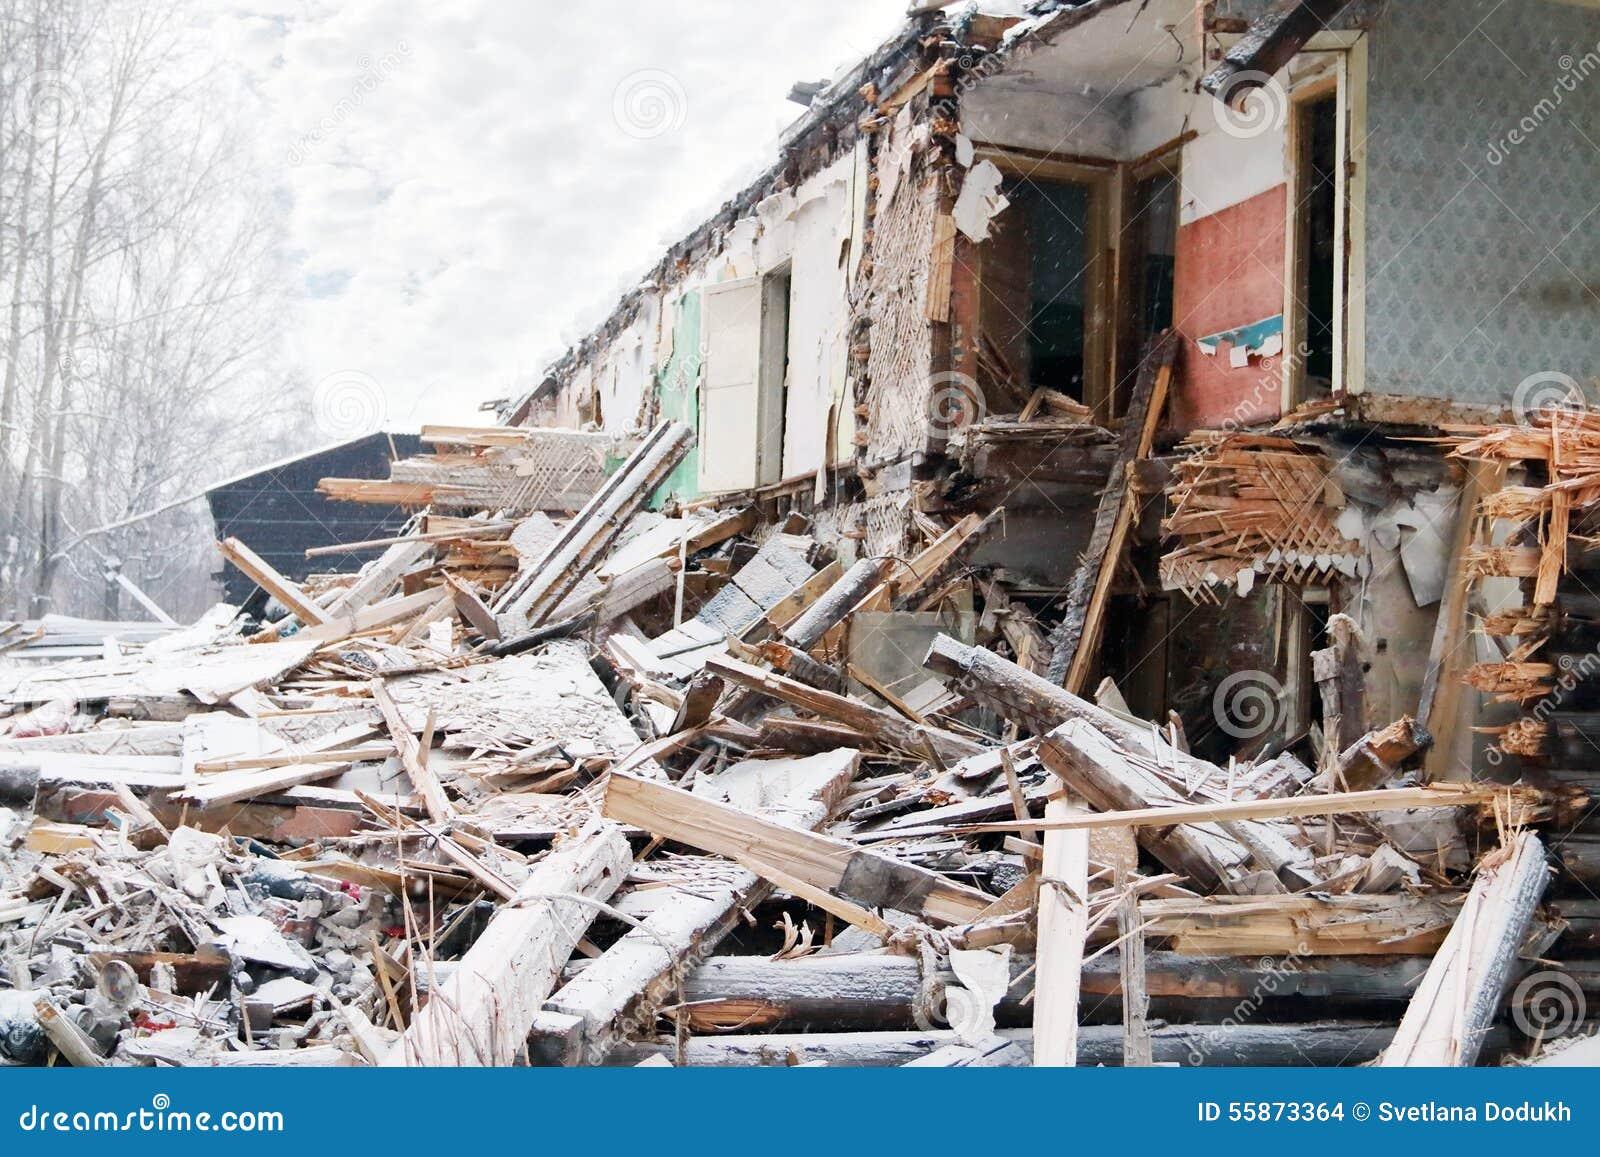 maison en bois cass e faite de rondins pendant les chutes de neige photo stock image 55873364. Black Bedroom Furniture Sets. Home Design Ideas